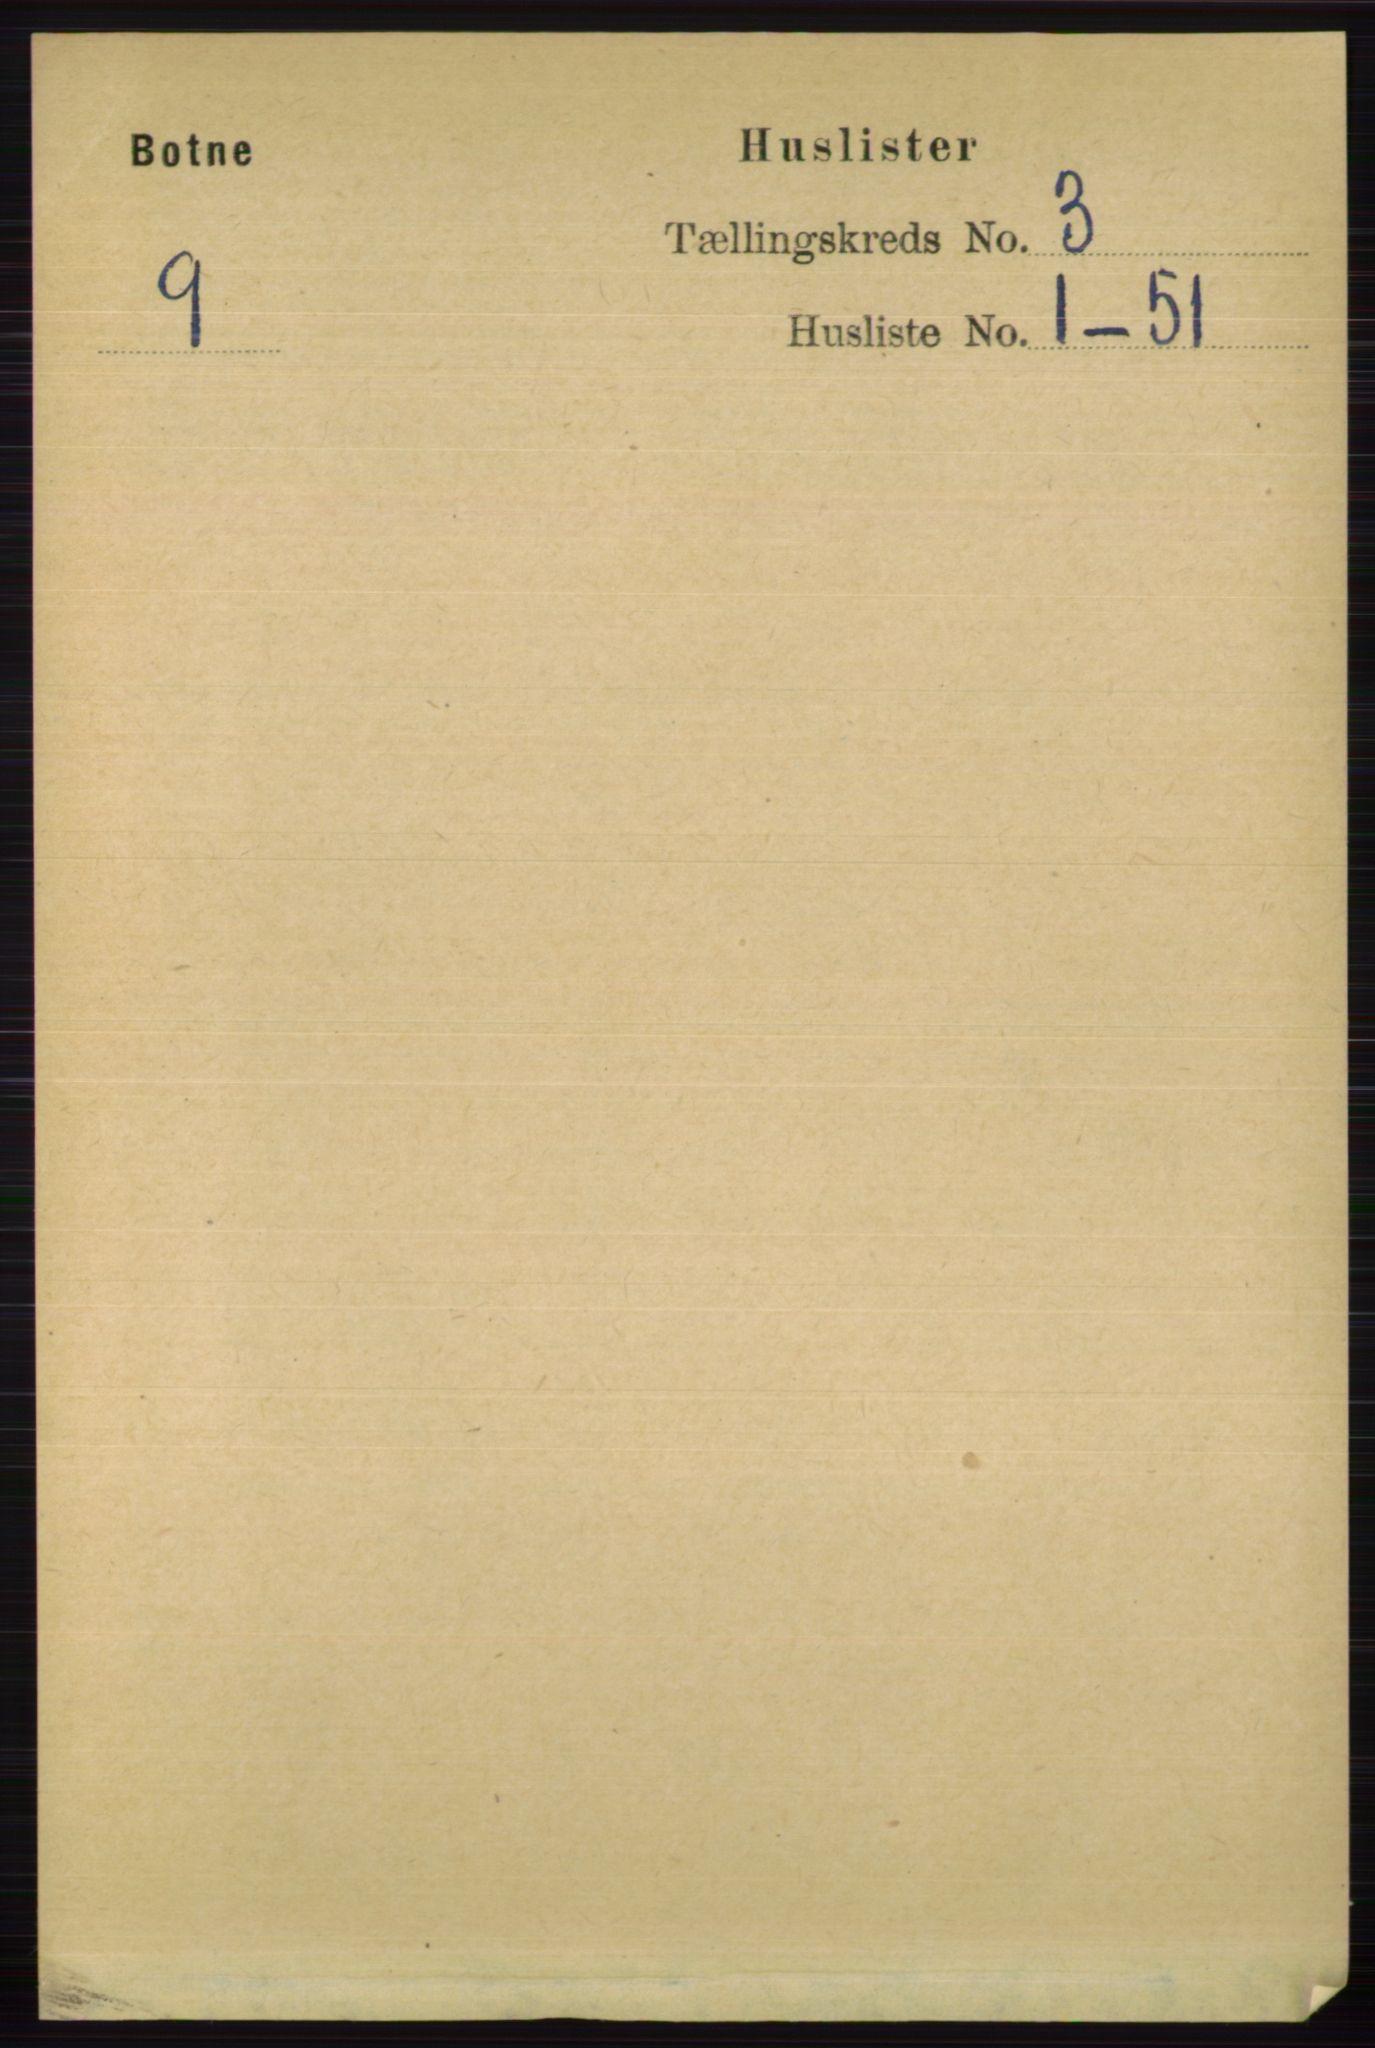 RA, Folketelling 1891 for 0715 Botne herred, 1891, s. 1164